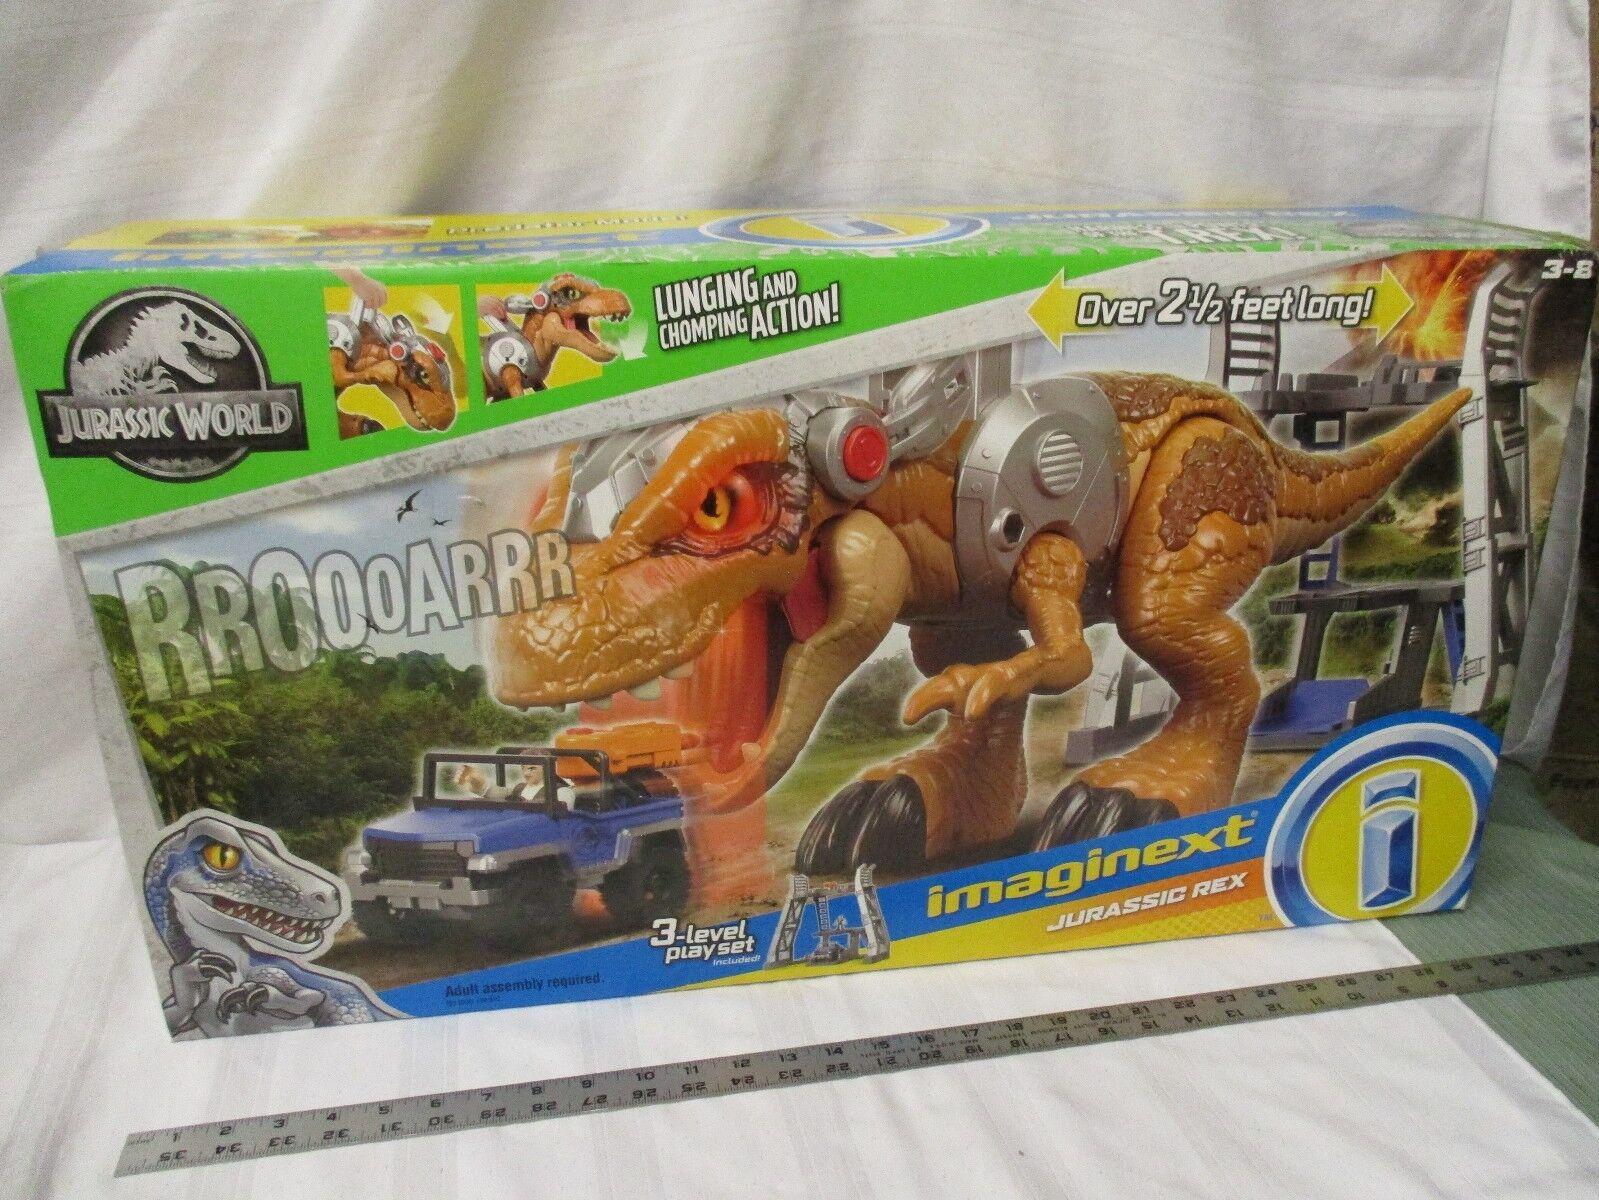 Fisher price Imaginect Jurassic värld Dinosaur NY Rex T rex 2 's långa låda Park